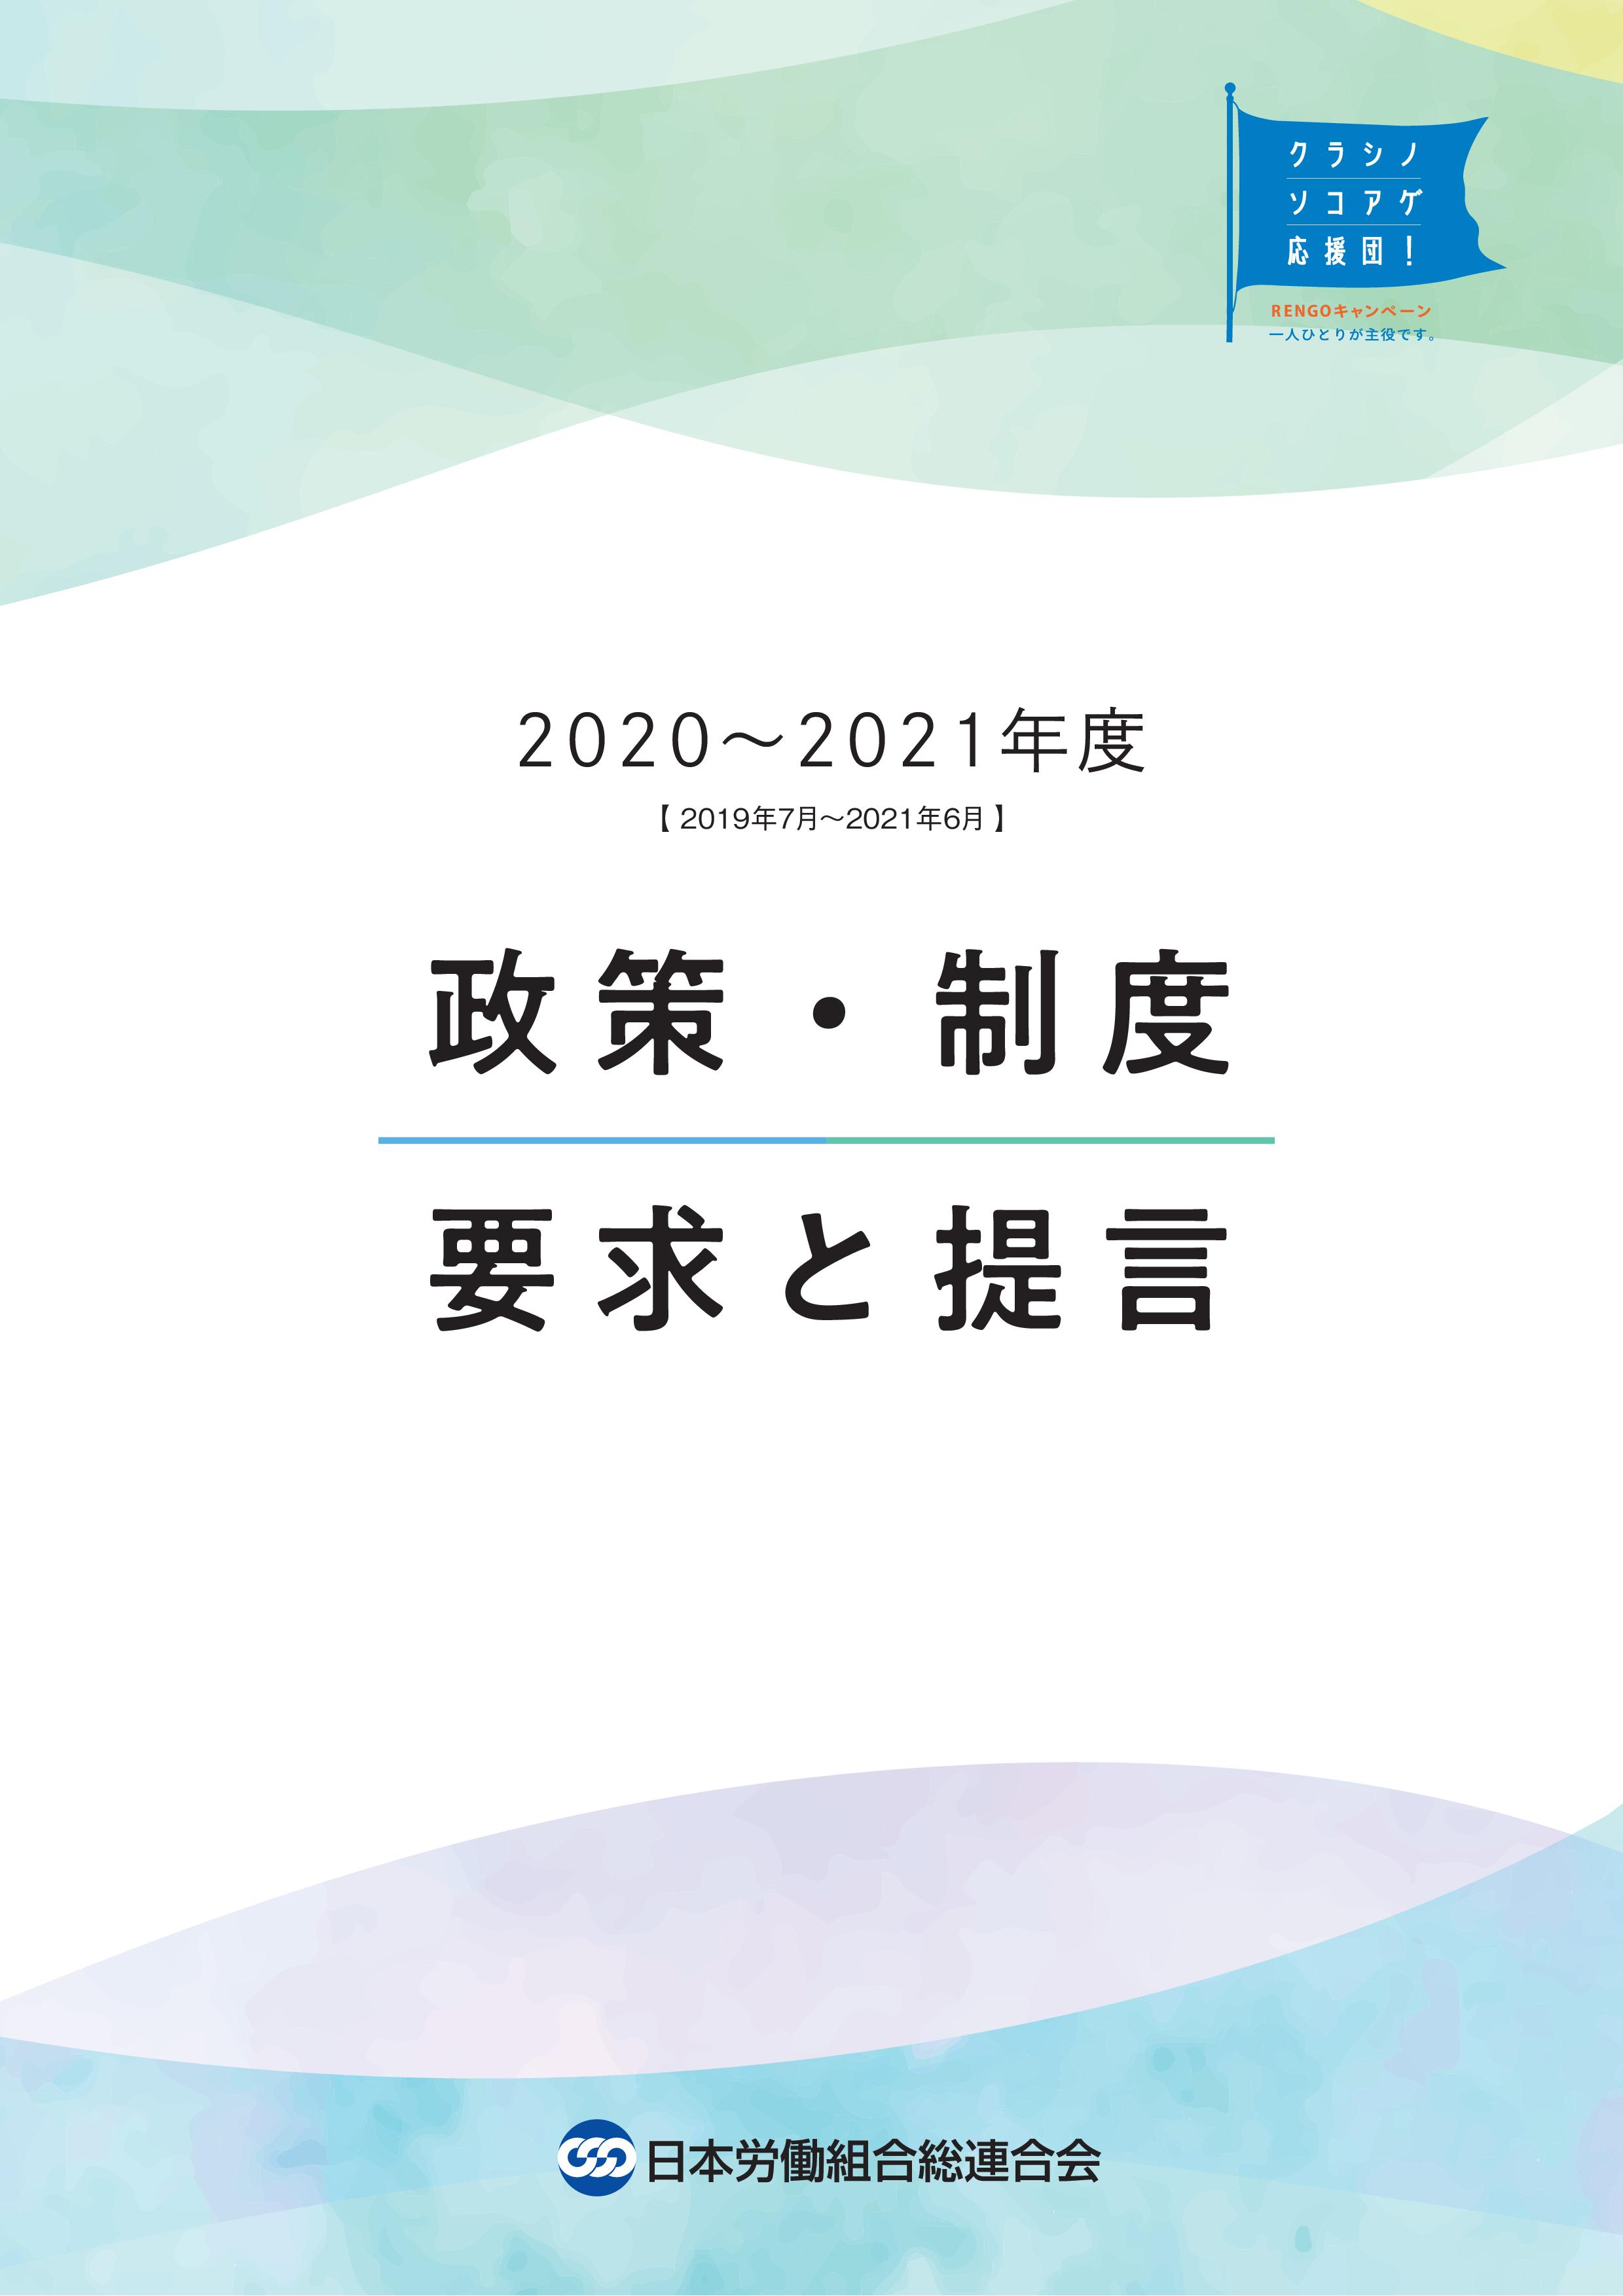 2020~2021年度 政策・制度 要求と提言